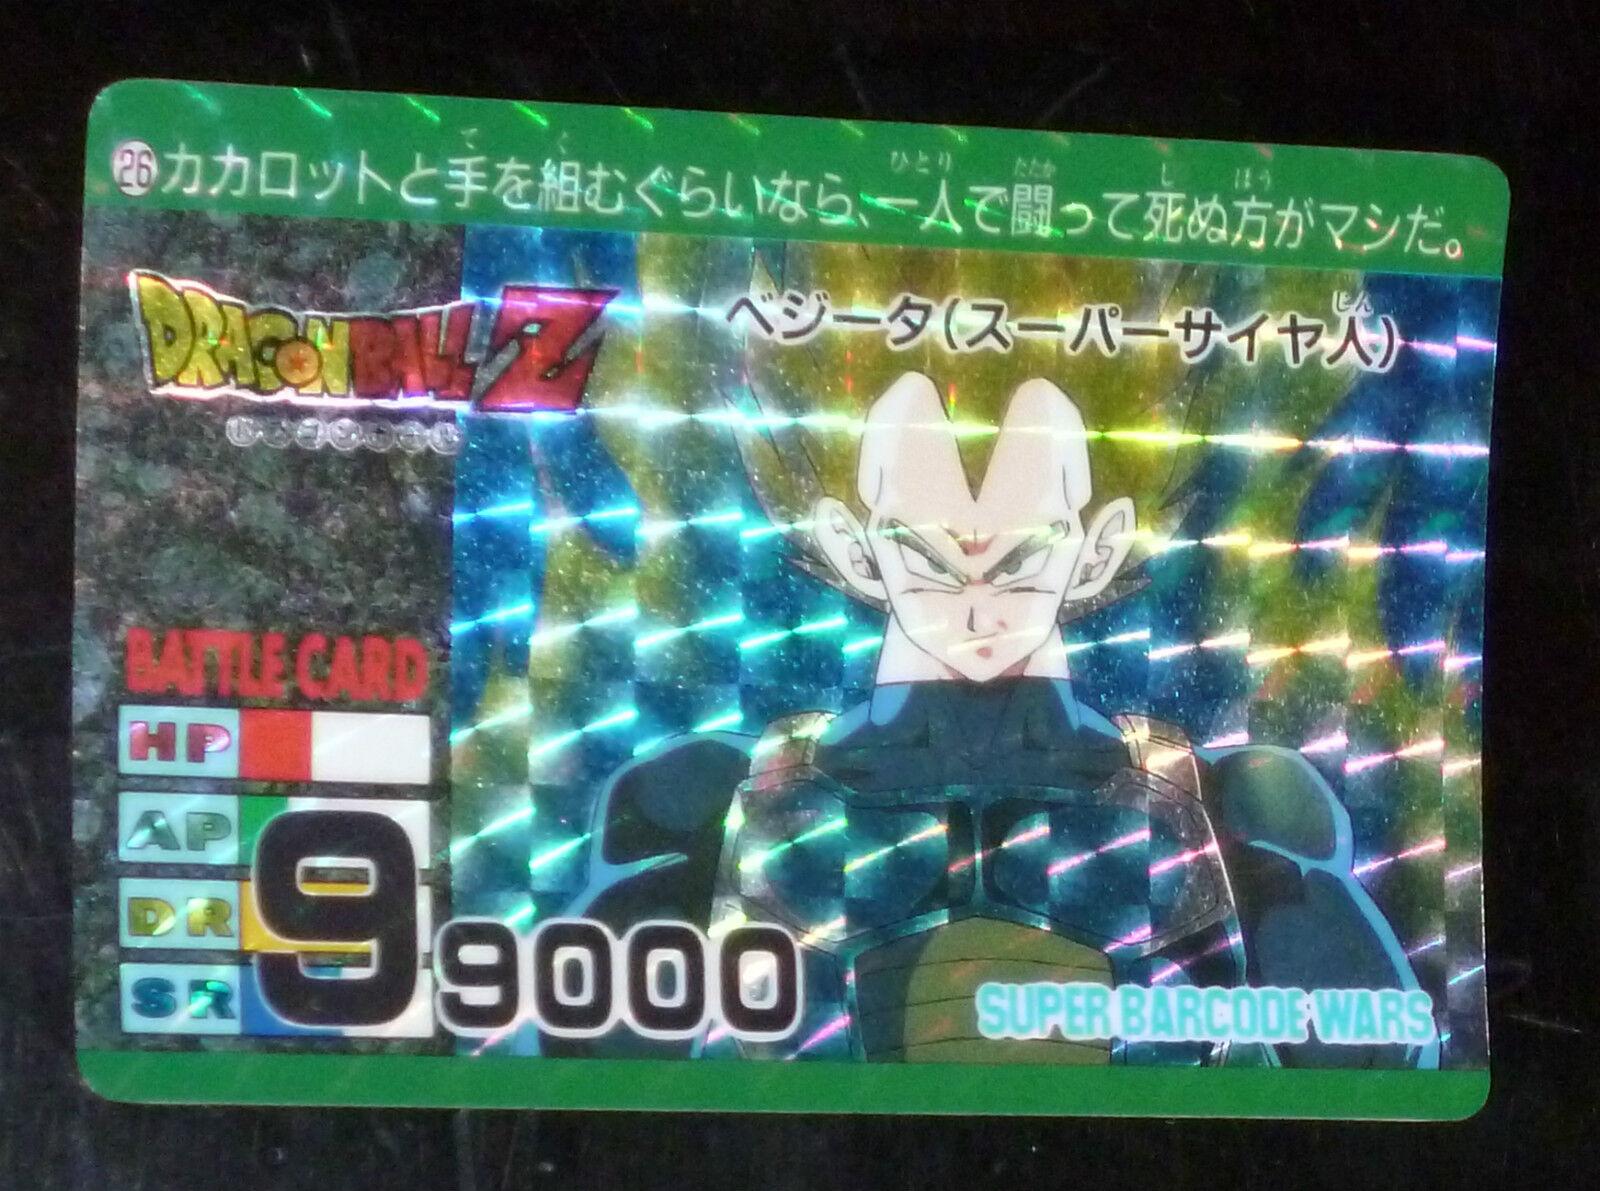 Dragon ball z dbz hervorruft, super - kriege - karte carddass pp prisma - japan ( 26.